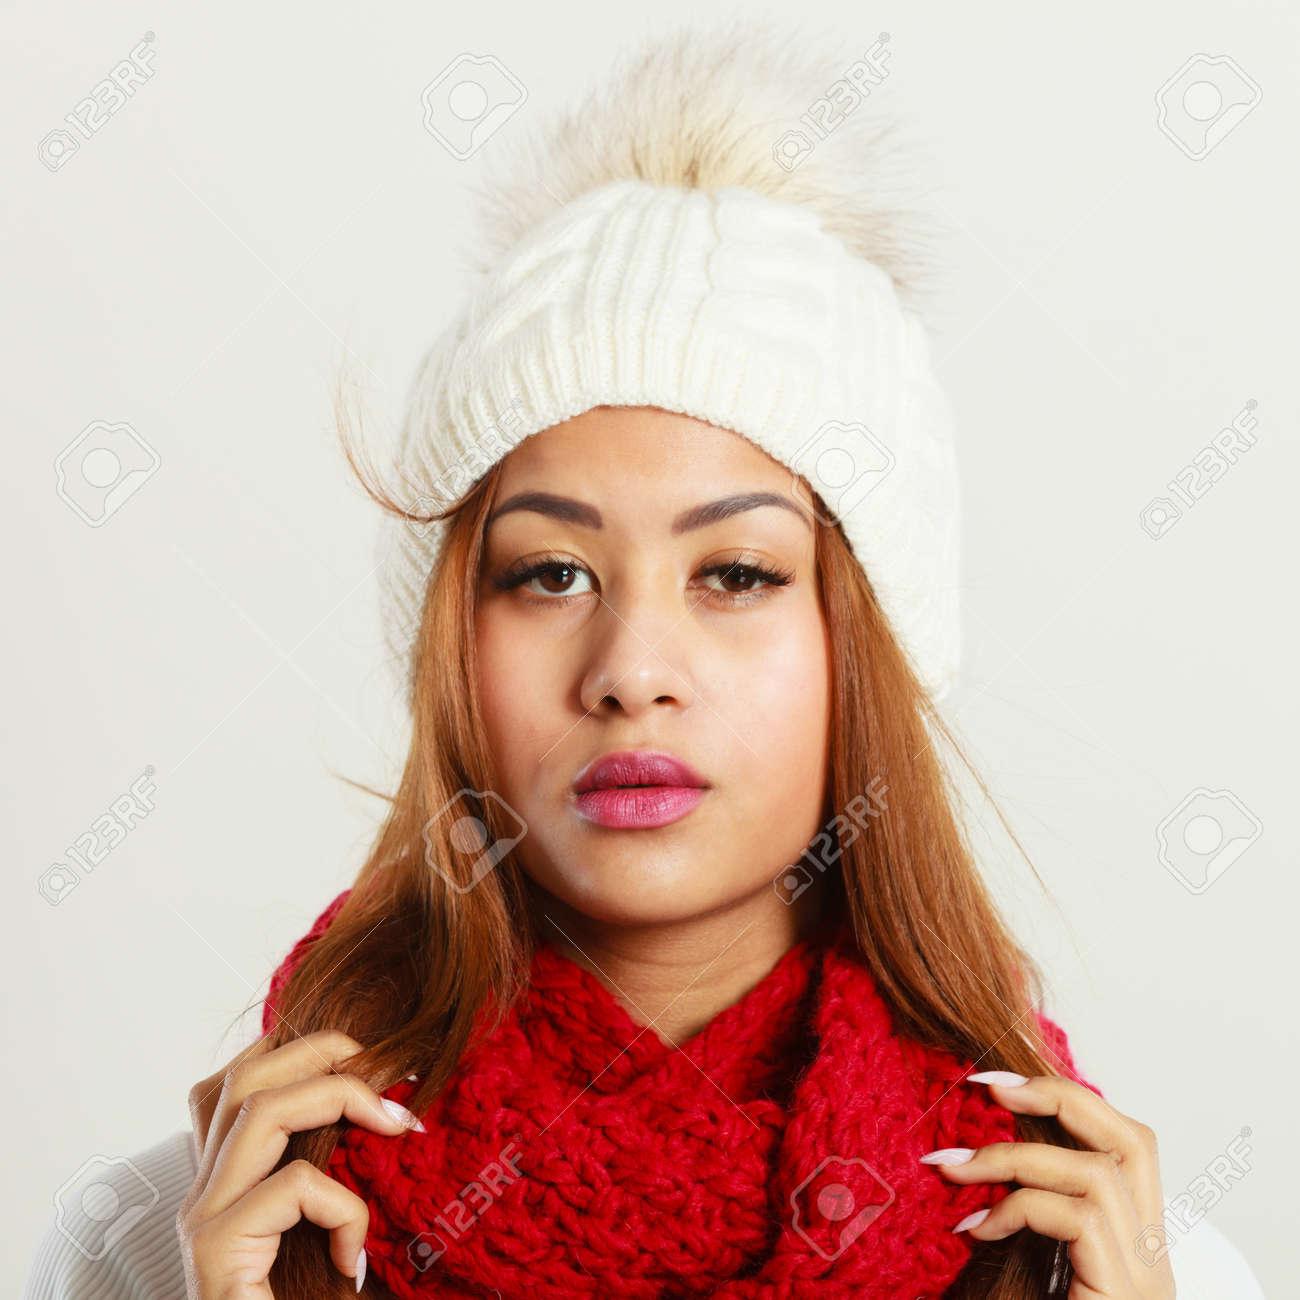 03ea6c7bc8b6 Banque d images - Les vêtements d hiver, le concept de la mode. Belle jeune  femme mulâtre portant écharpe de laine bonnet blanc rouge.